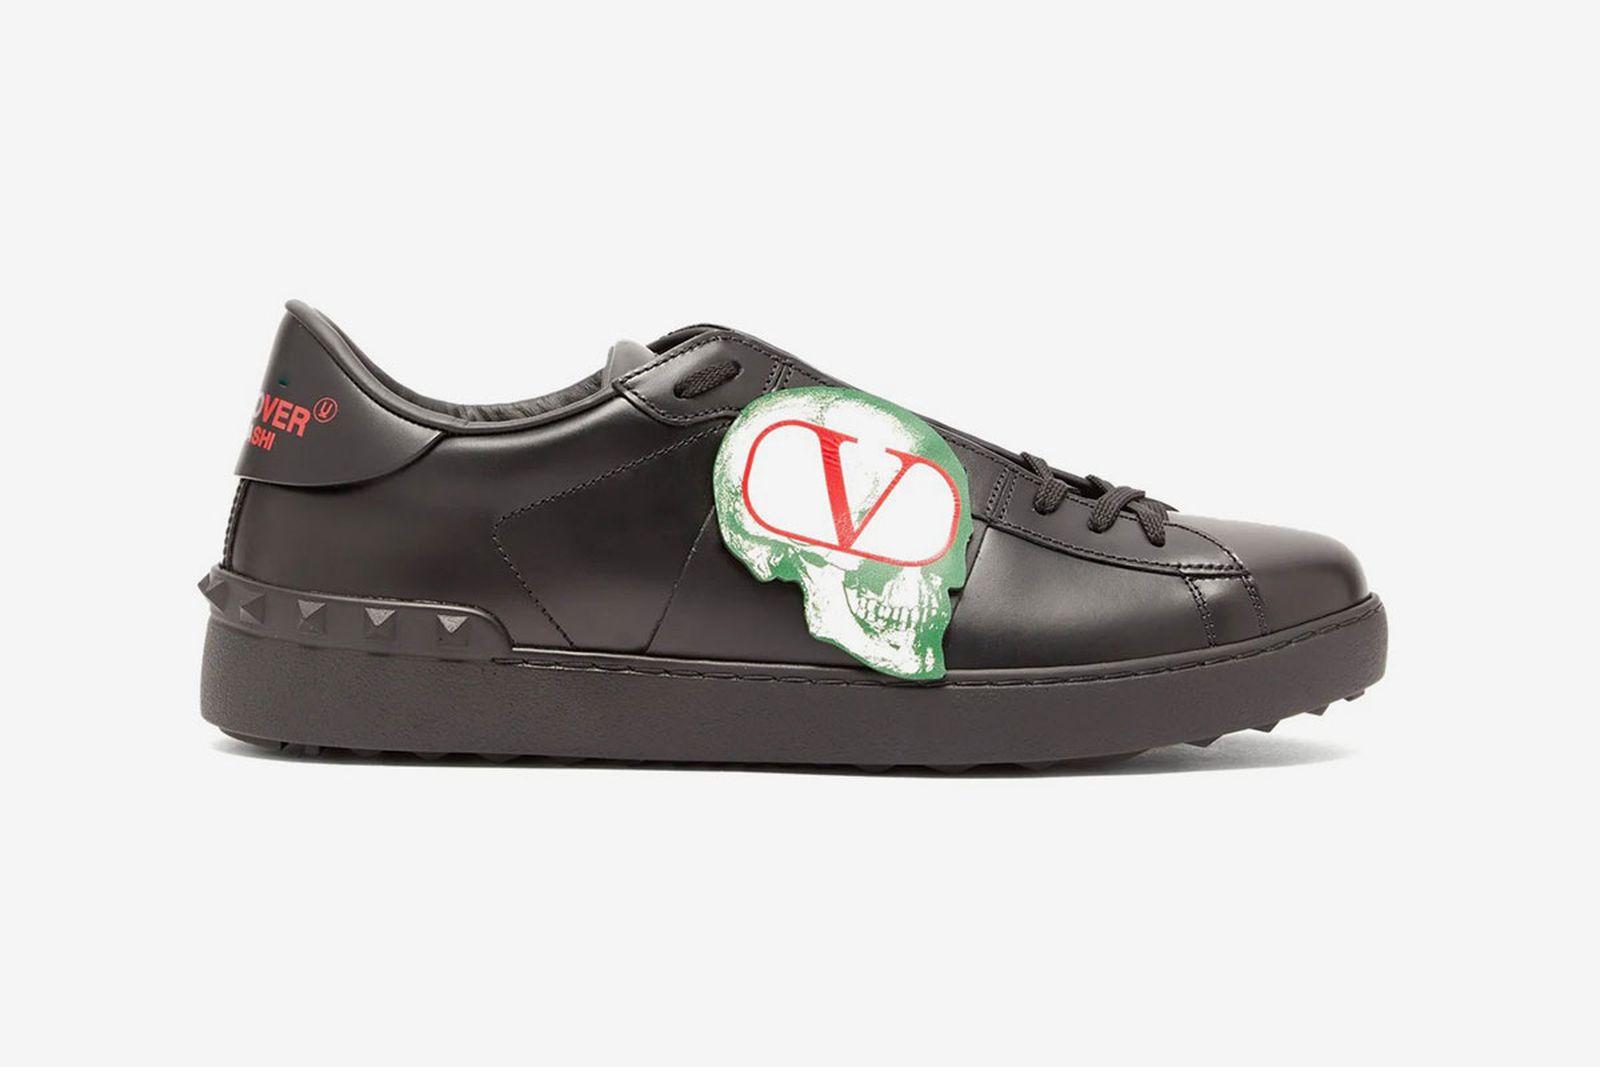 undercover valentino garavani sneaker release date price